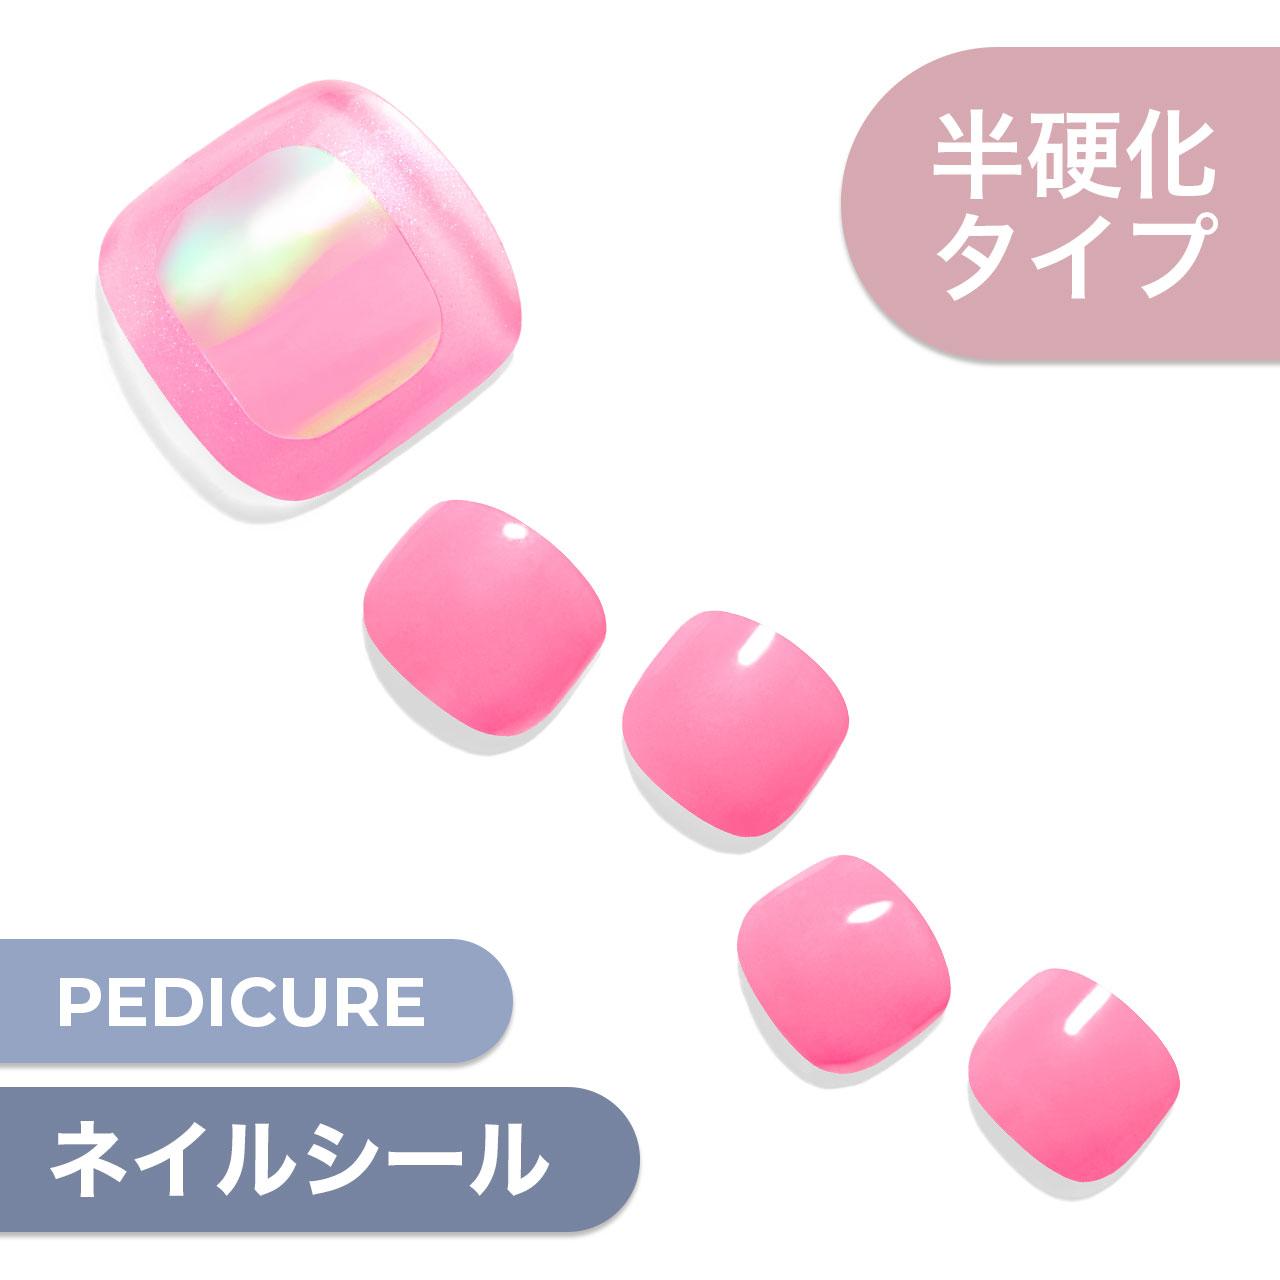 【Pink Fever】ダッシングディバグレーズ ペディ